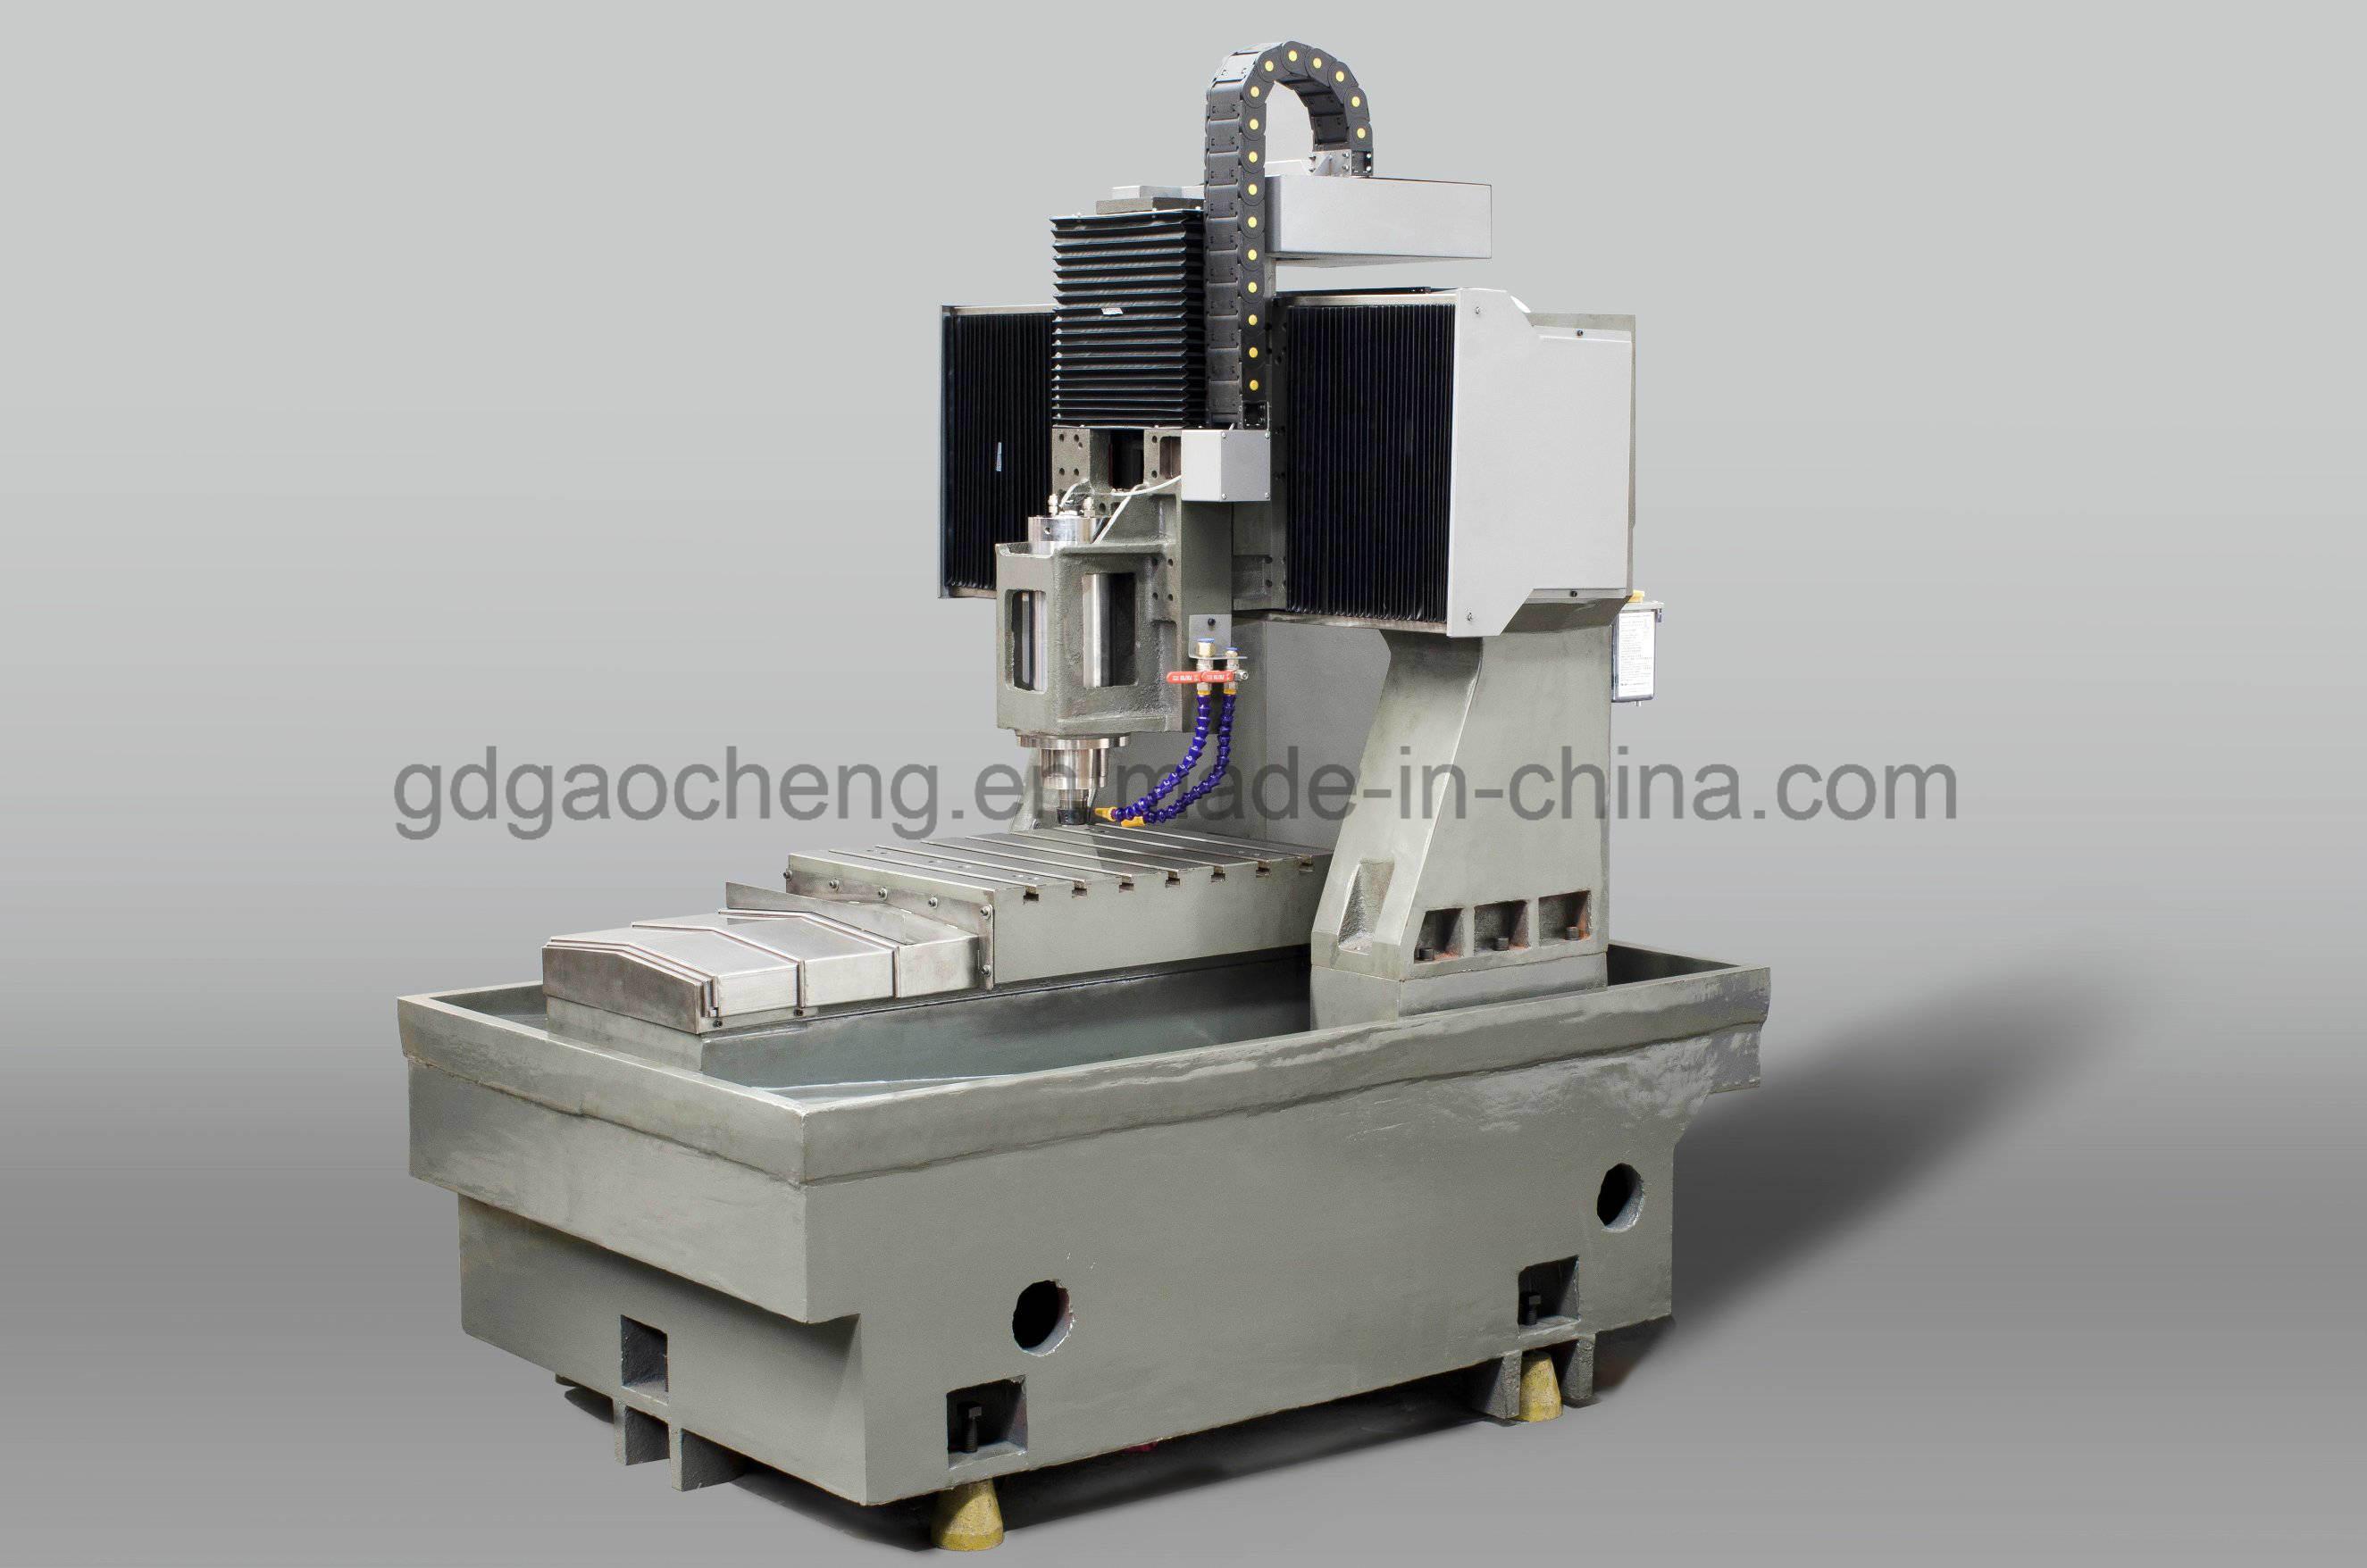 Double Column CNC Milling Machine Center GS-E1210